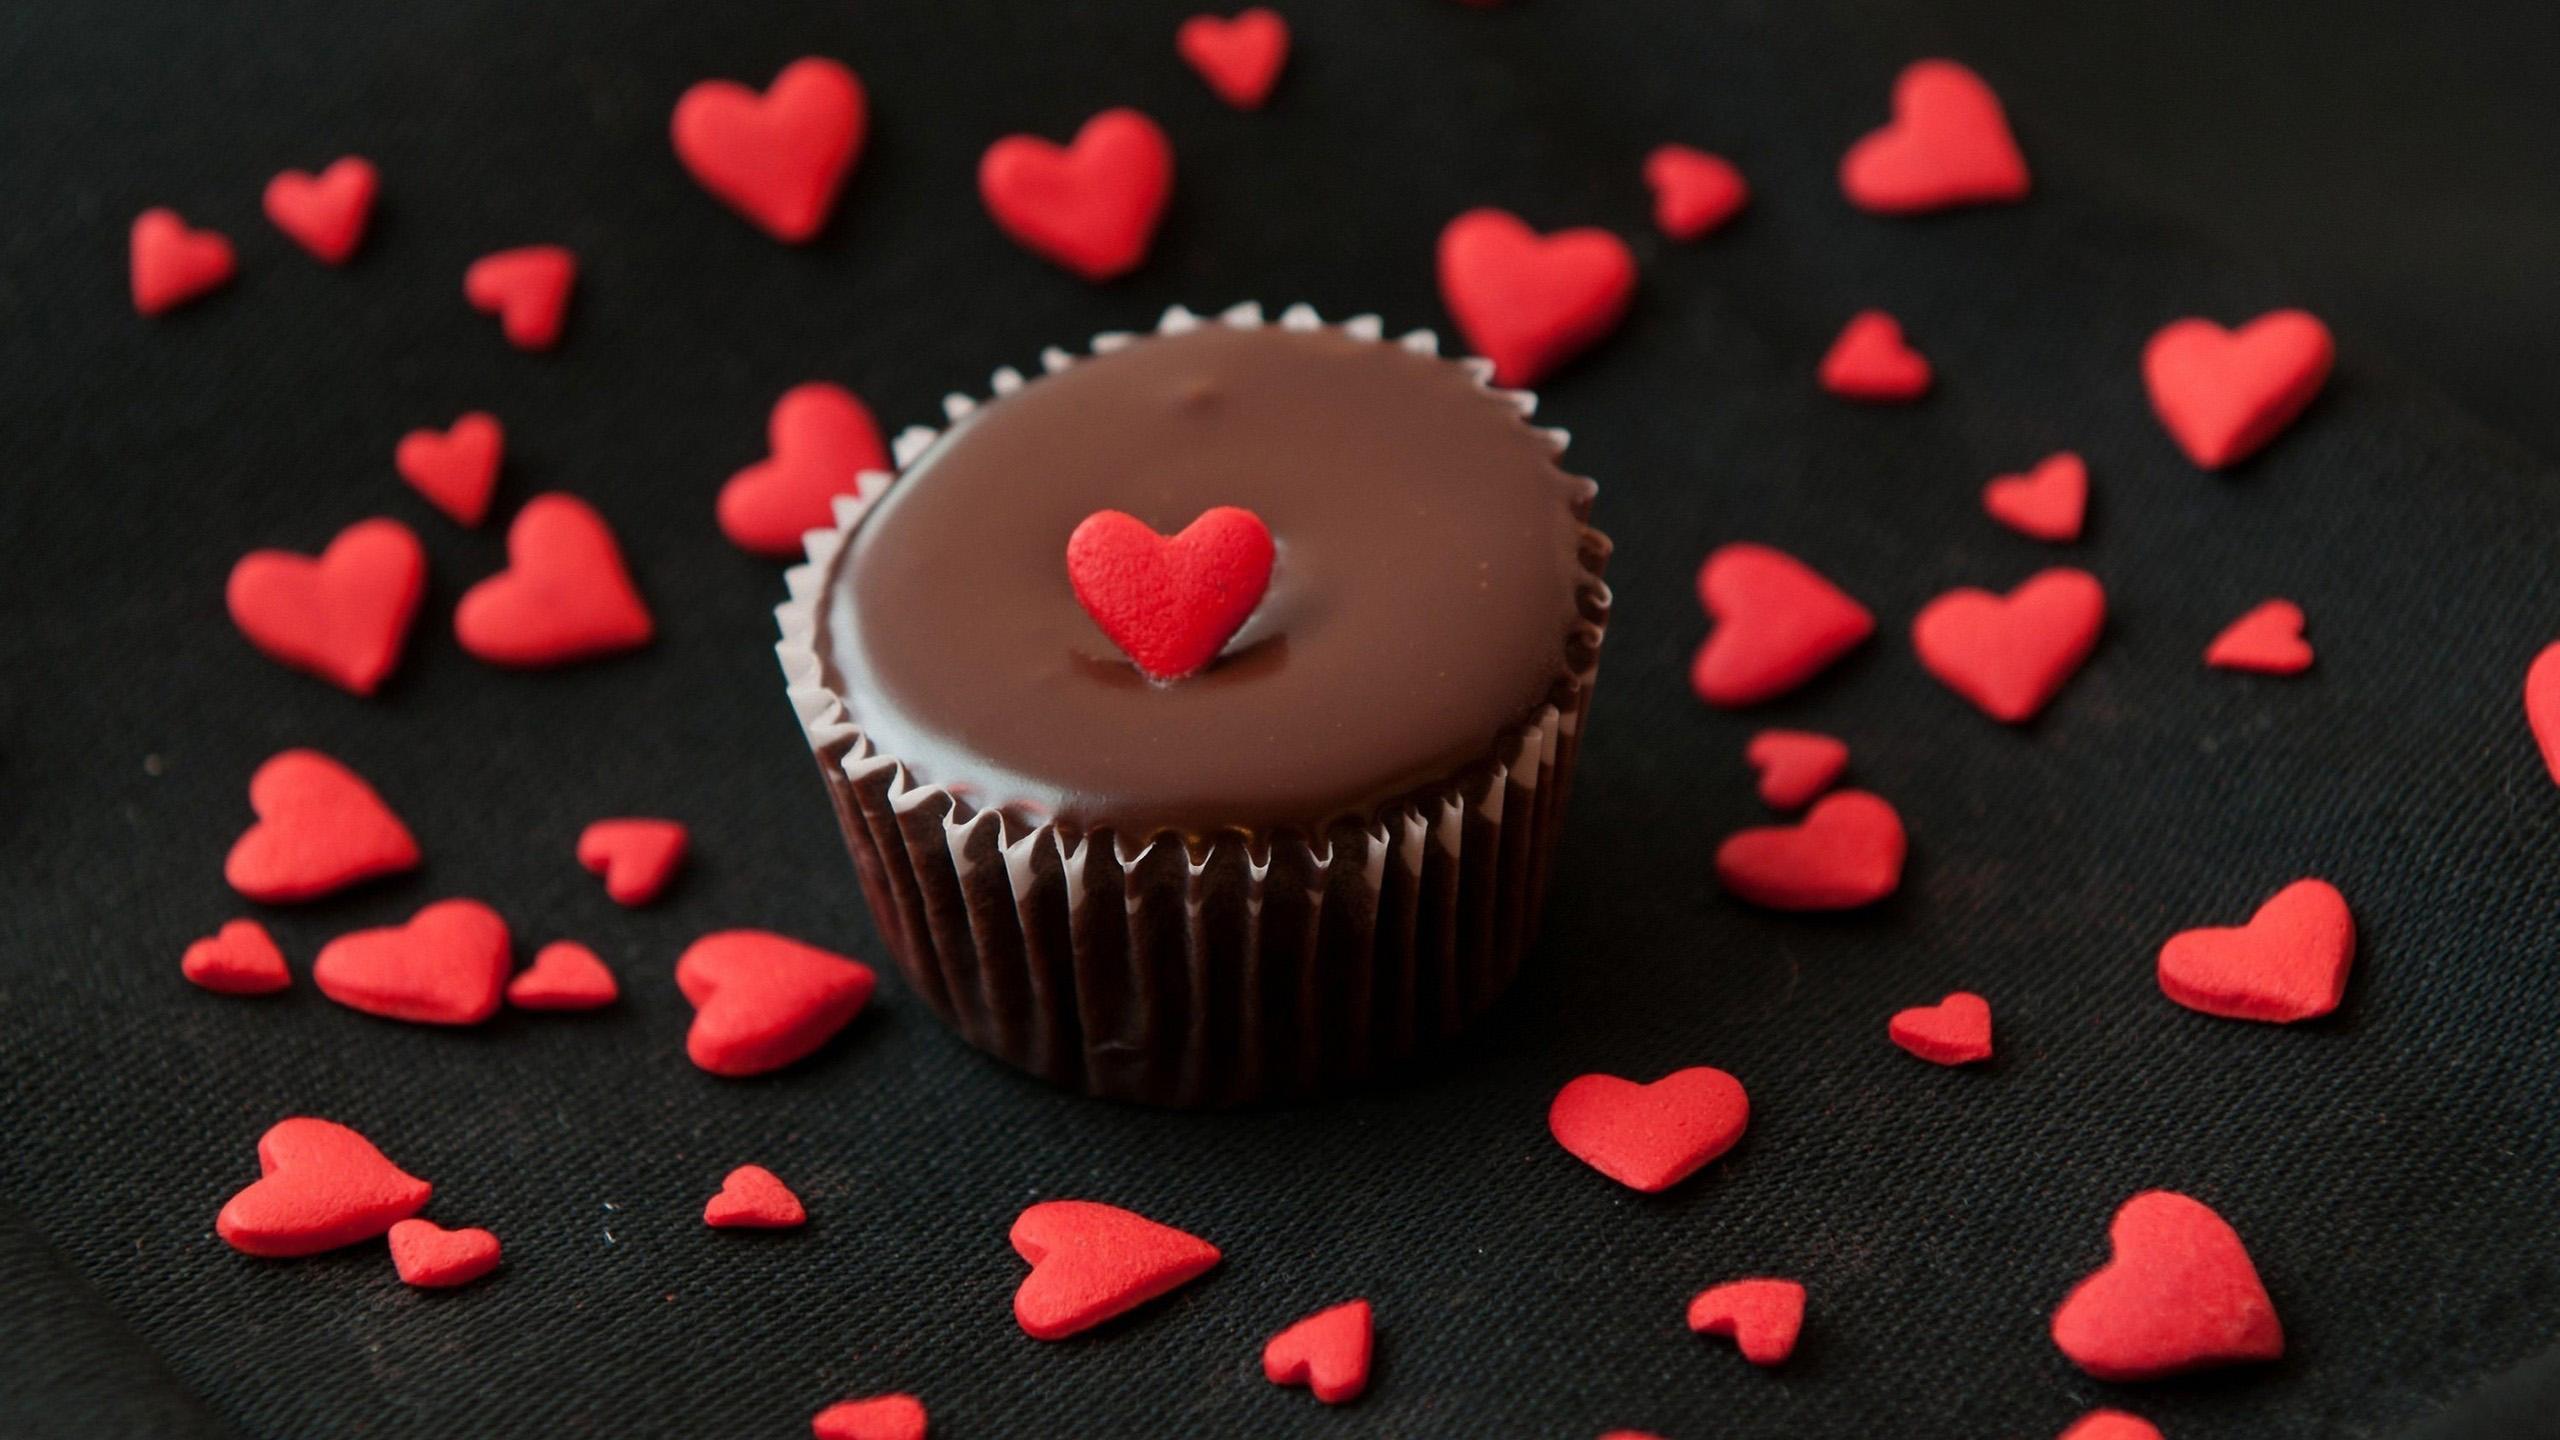 小清新,舒缓压力,蛋糕,纸杯蛋糕,巧克力,爱心